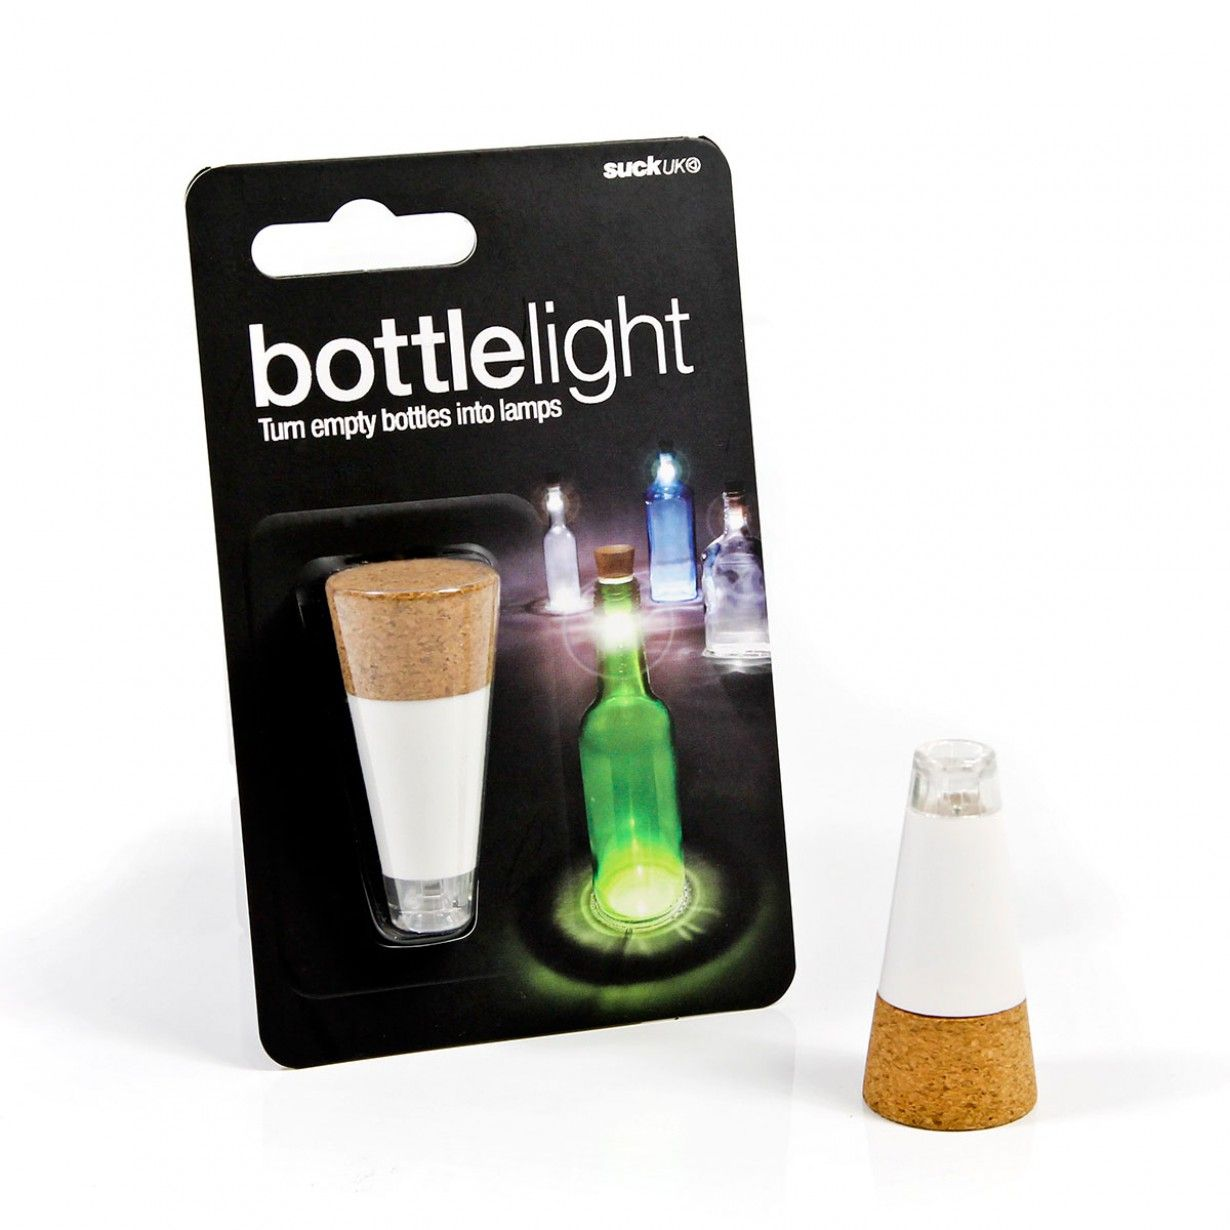 Les lumières-LED pour bouteille avec USB, sous forme de bouchons et rechargeables permettent d'éclairer vos bouteilles en les transformant en lampes.